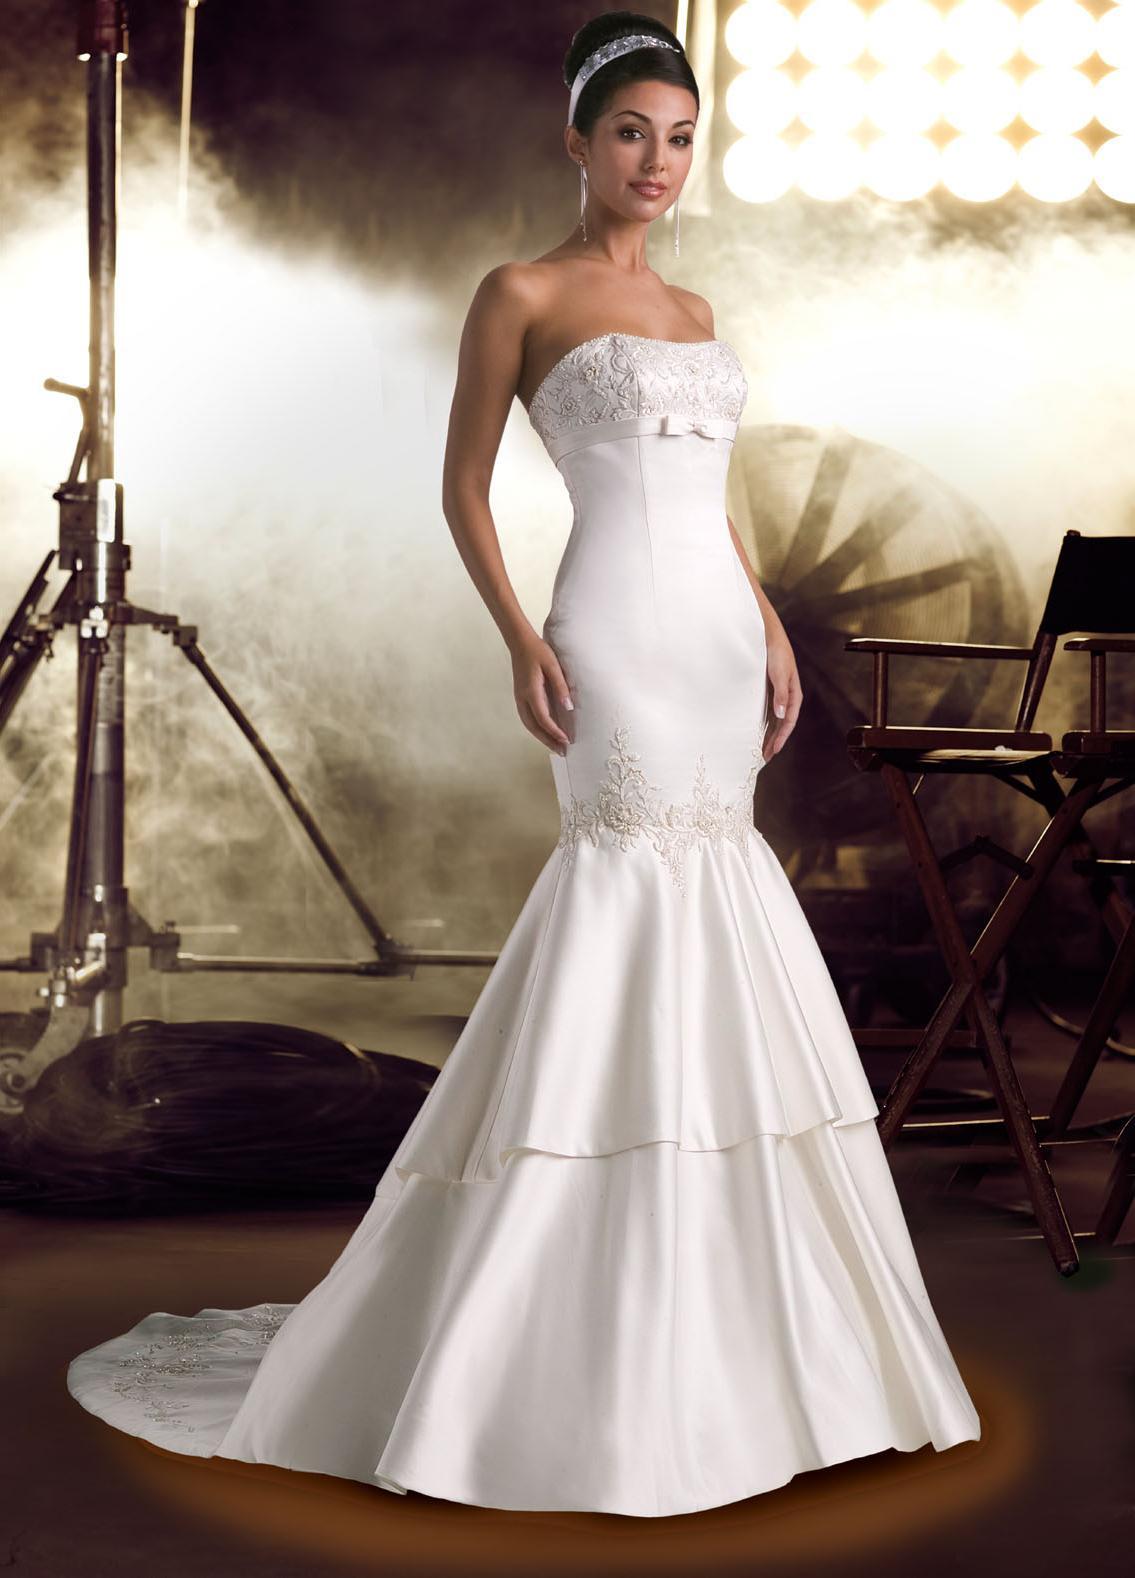 Satin Mermaid Brush Train Sleeveless Strapless White Wedding Dress Nawd0242